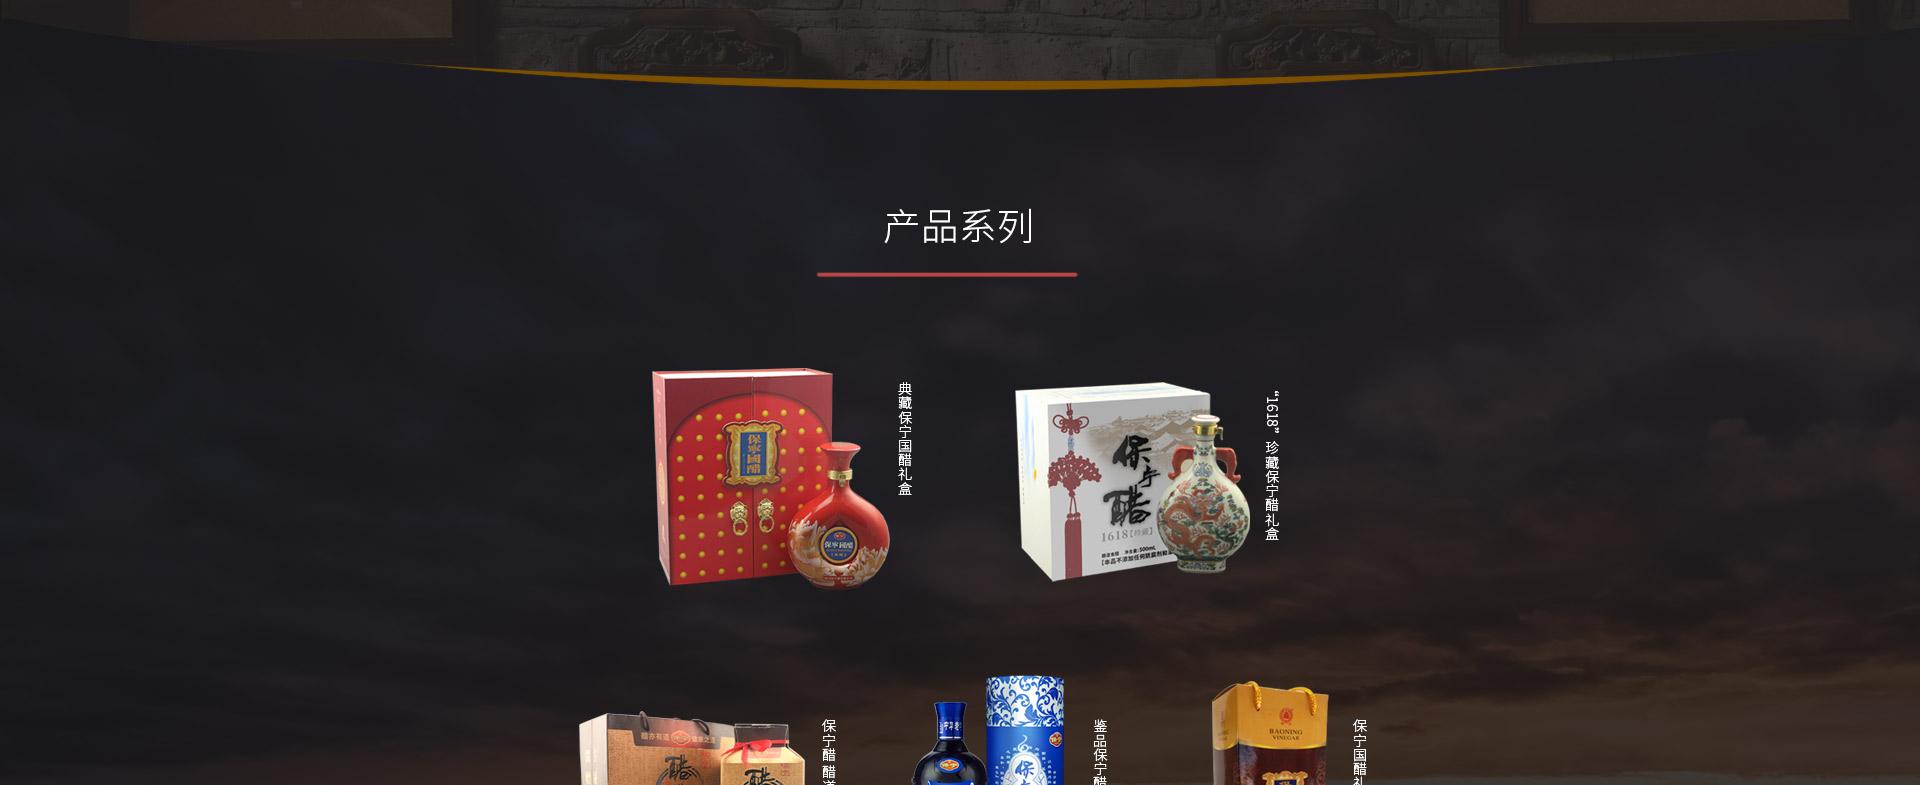 产品-礼盒_05.jpg